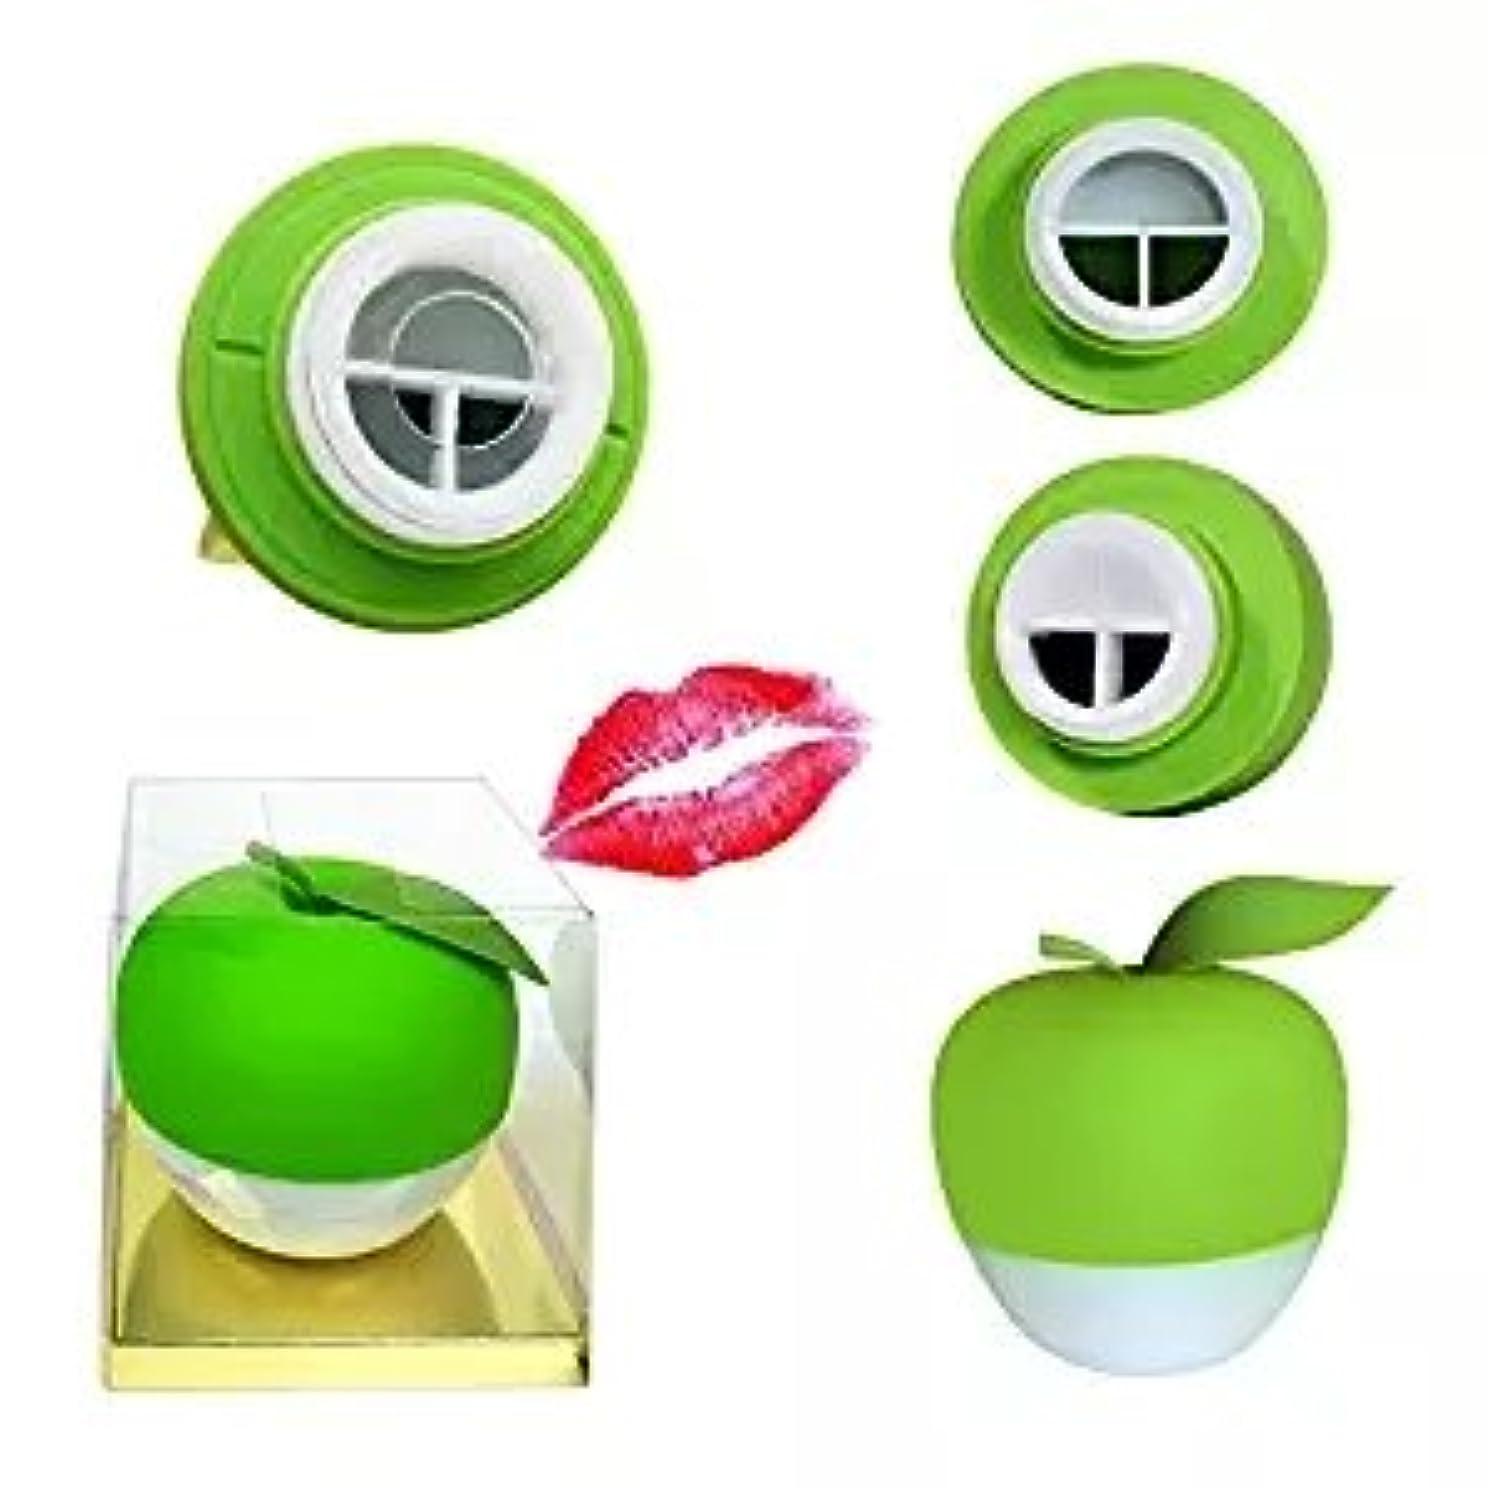 延期するできれば抽選Yartar リップエンハンサー セクシーリップス  シリコン製 コンパクト ピンク Lip Plumper (グリーン)